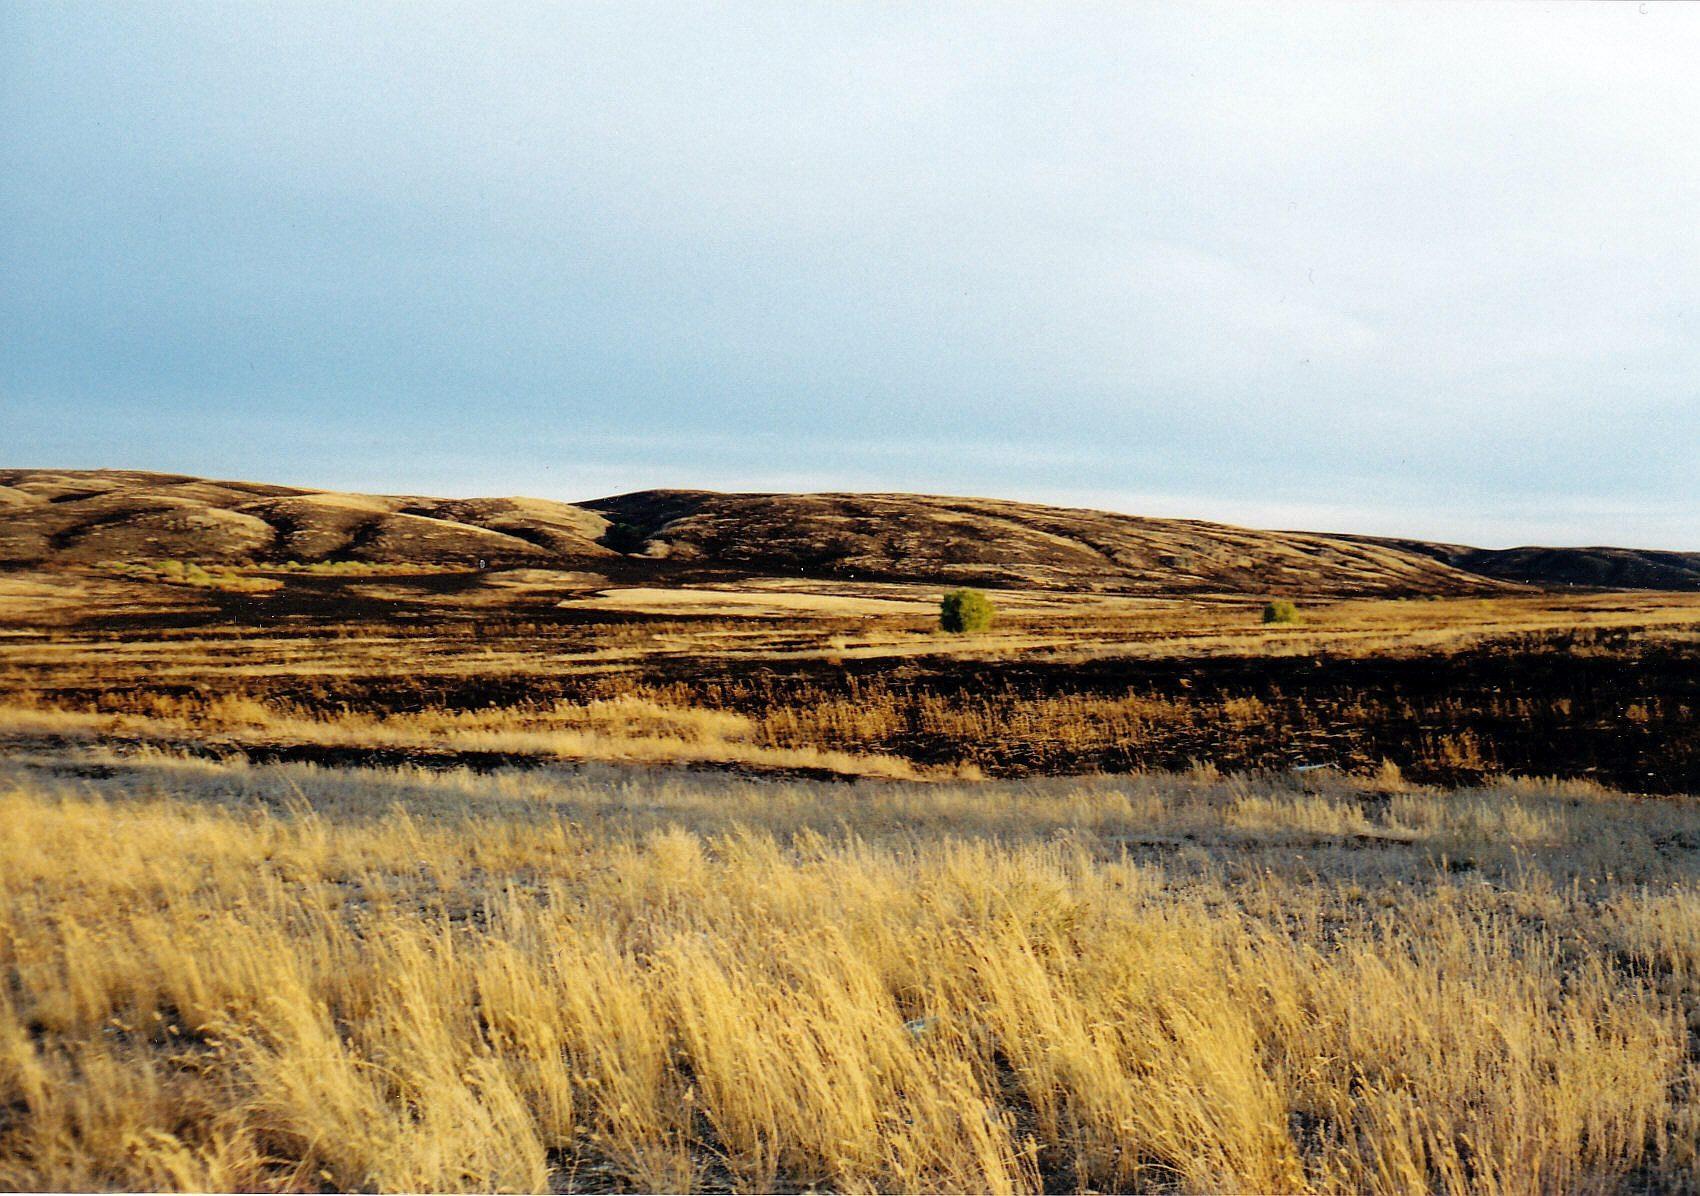 Kasachische Steppe im Spätsommer